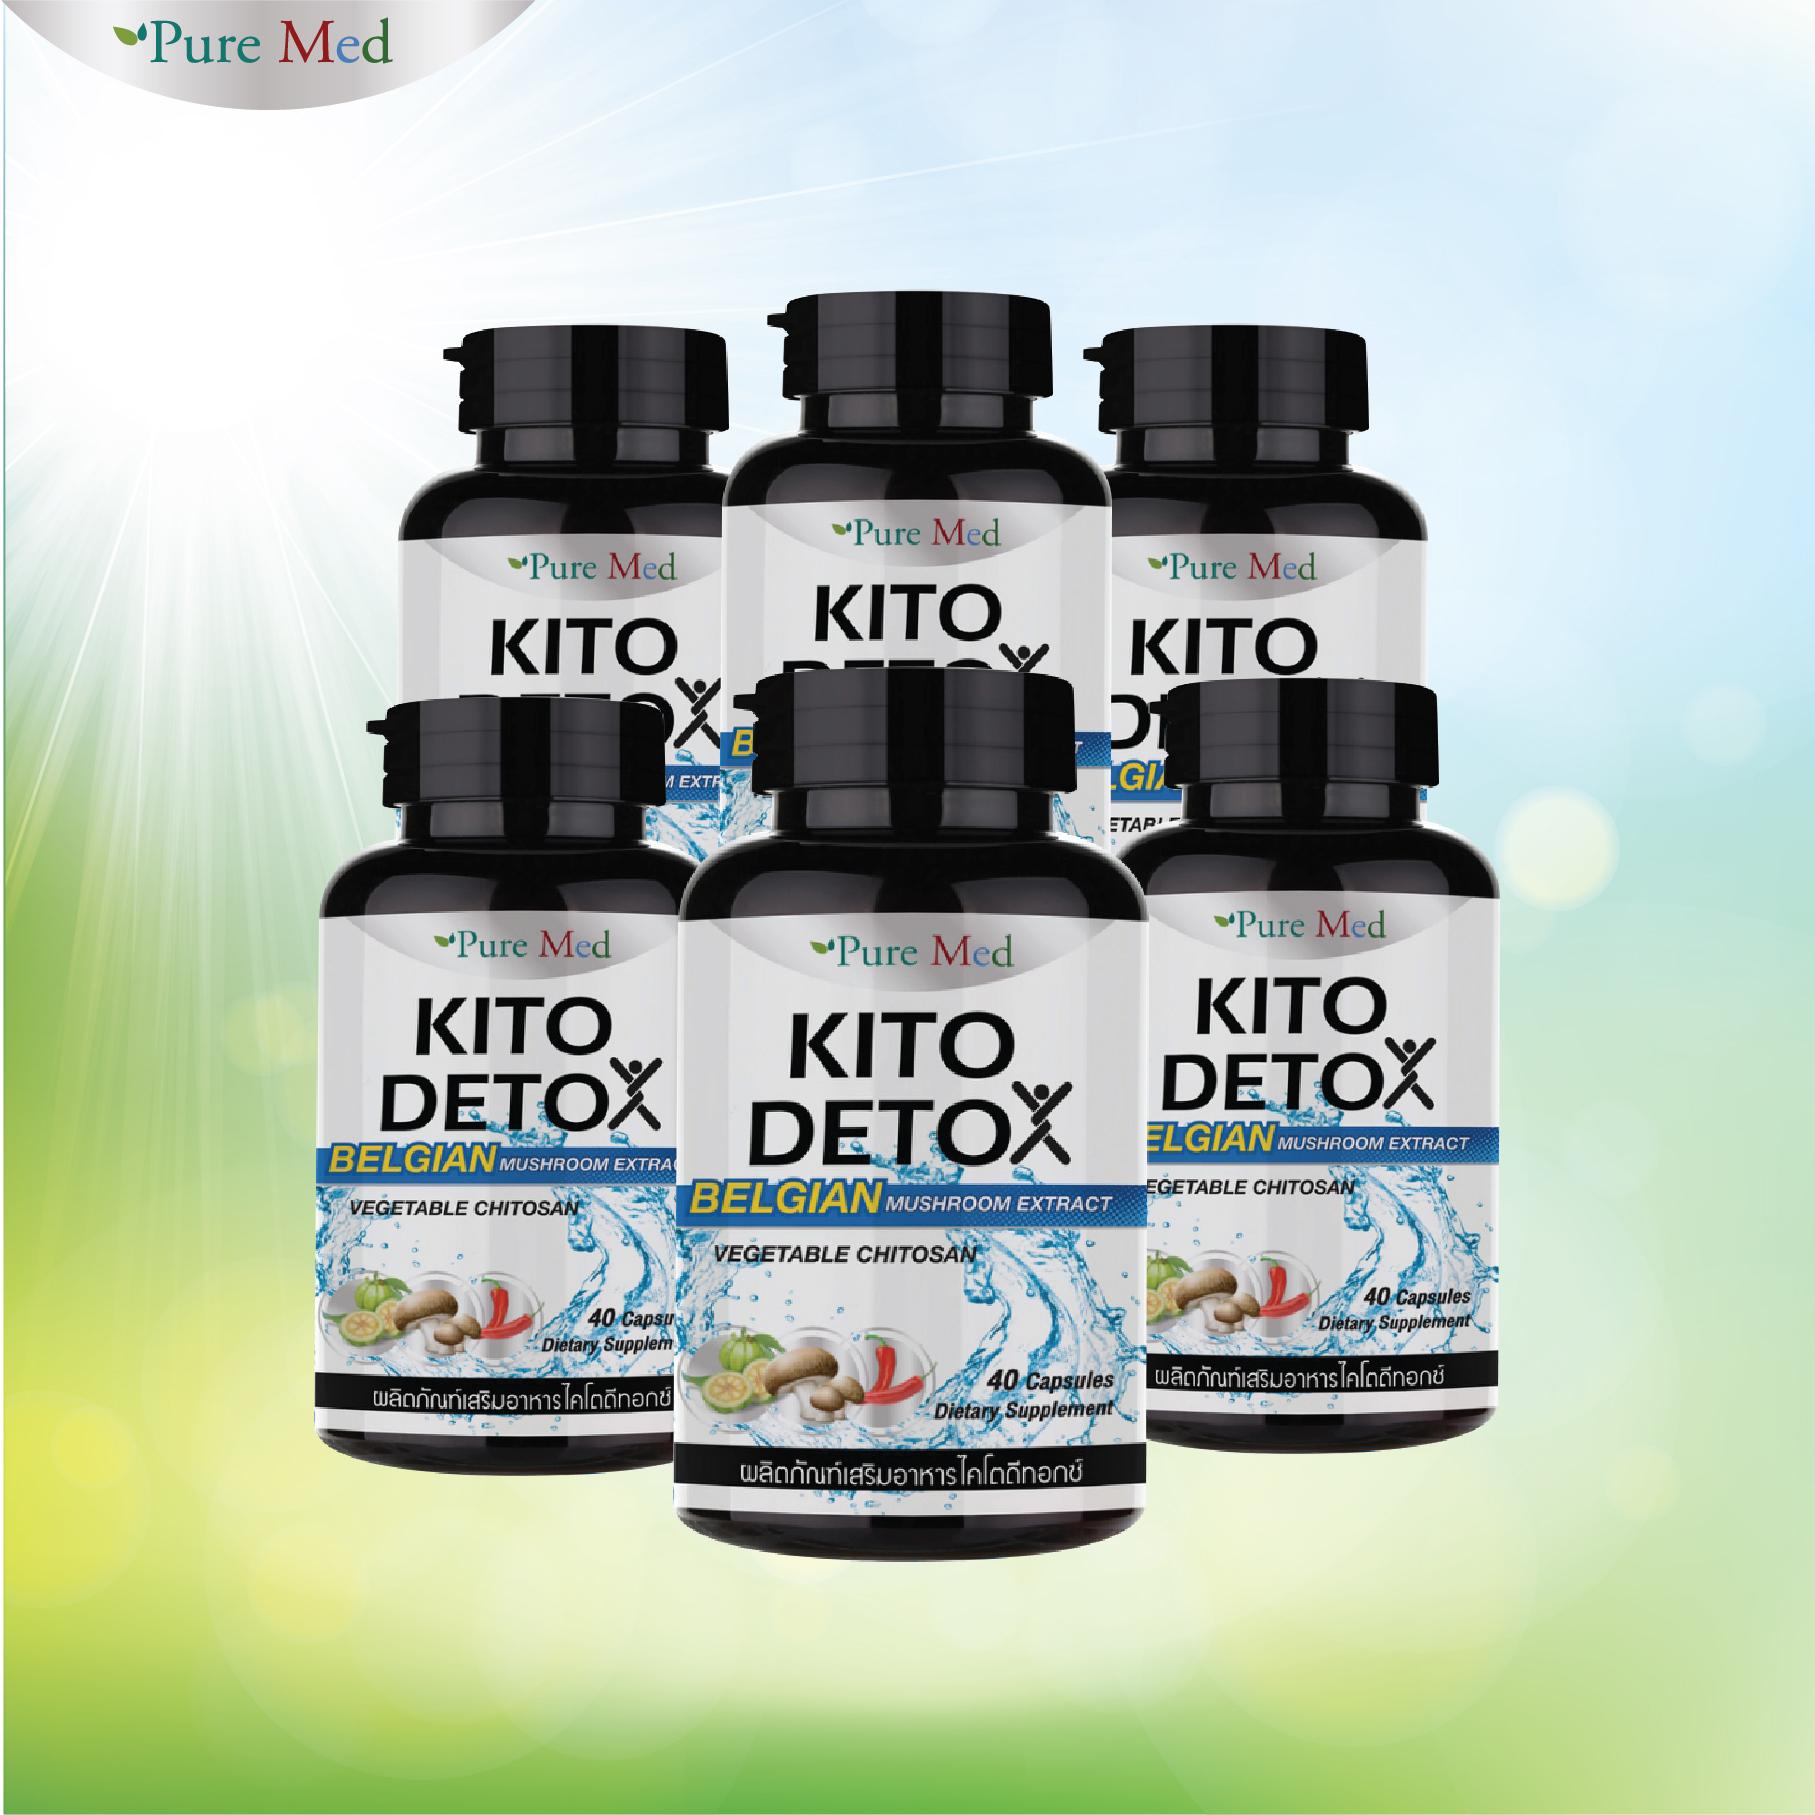 อาหารเสริมลดน้ำหนัก Kito Detox 40 เม็ด x 6 ขวด